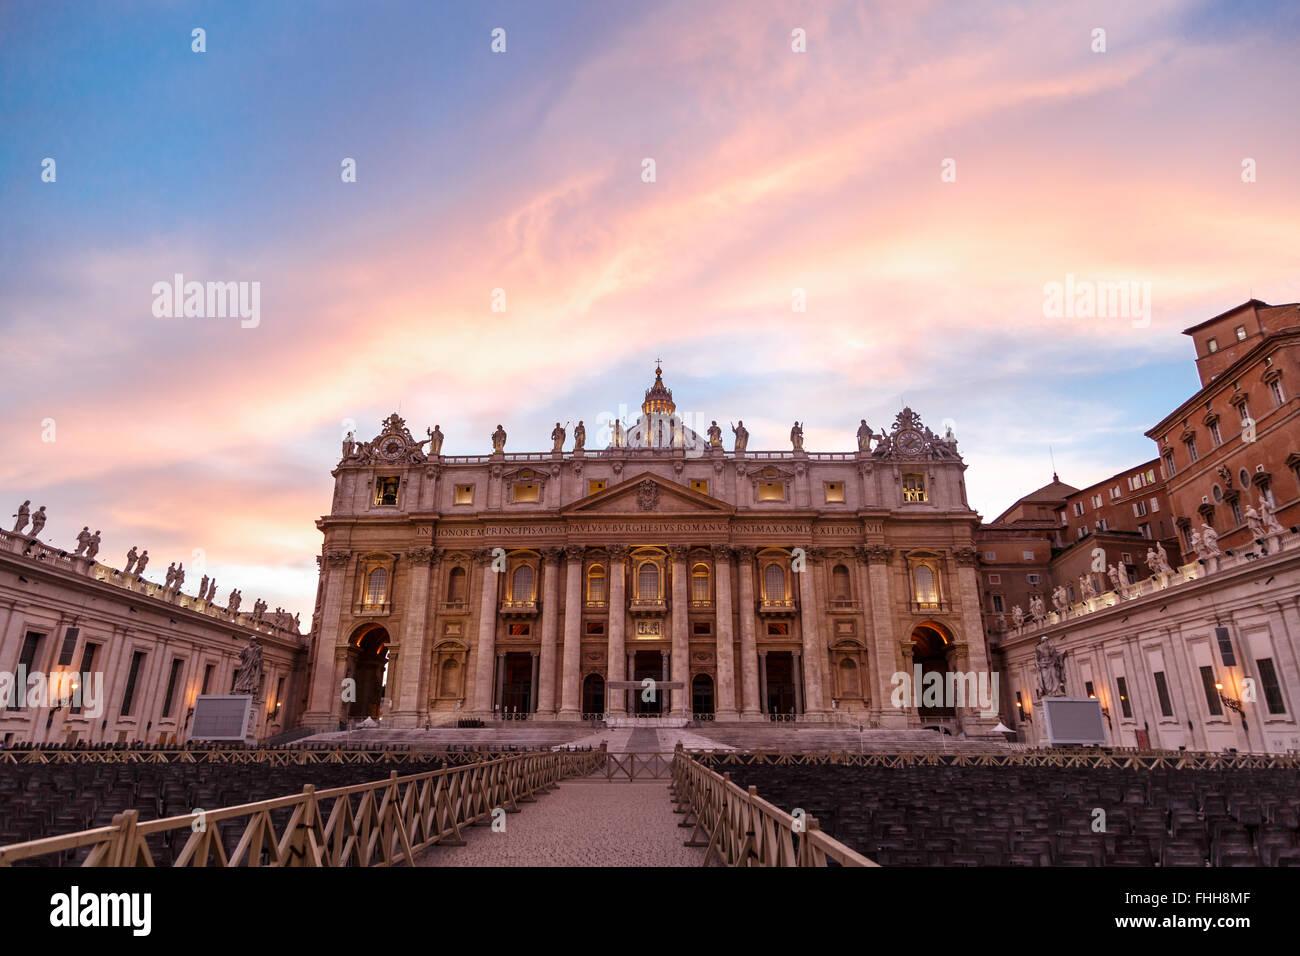 Vista frontal de la Basílica de San Pedro en el Vaticano, con gente alrededor, nublado cielo azul backgroundat Imagen De Stock